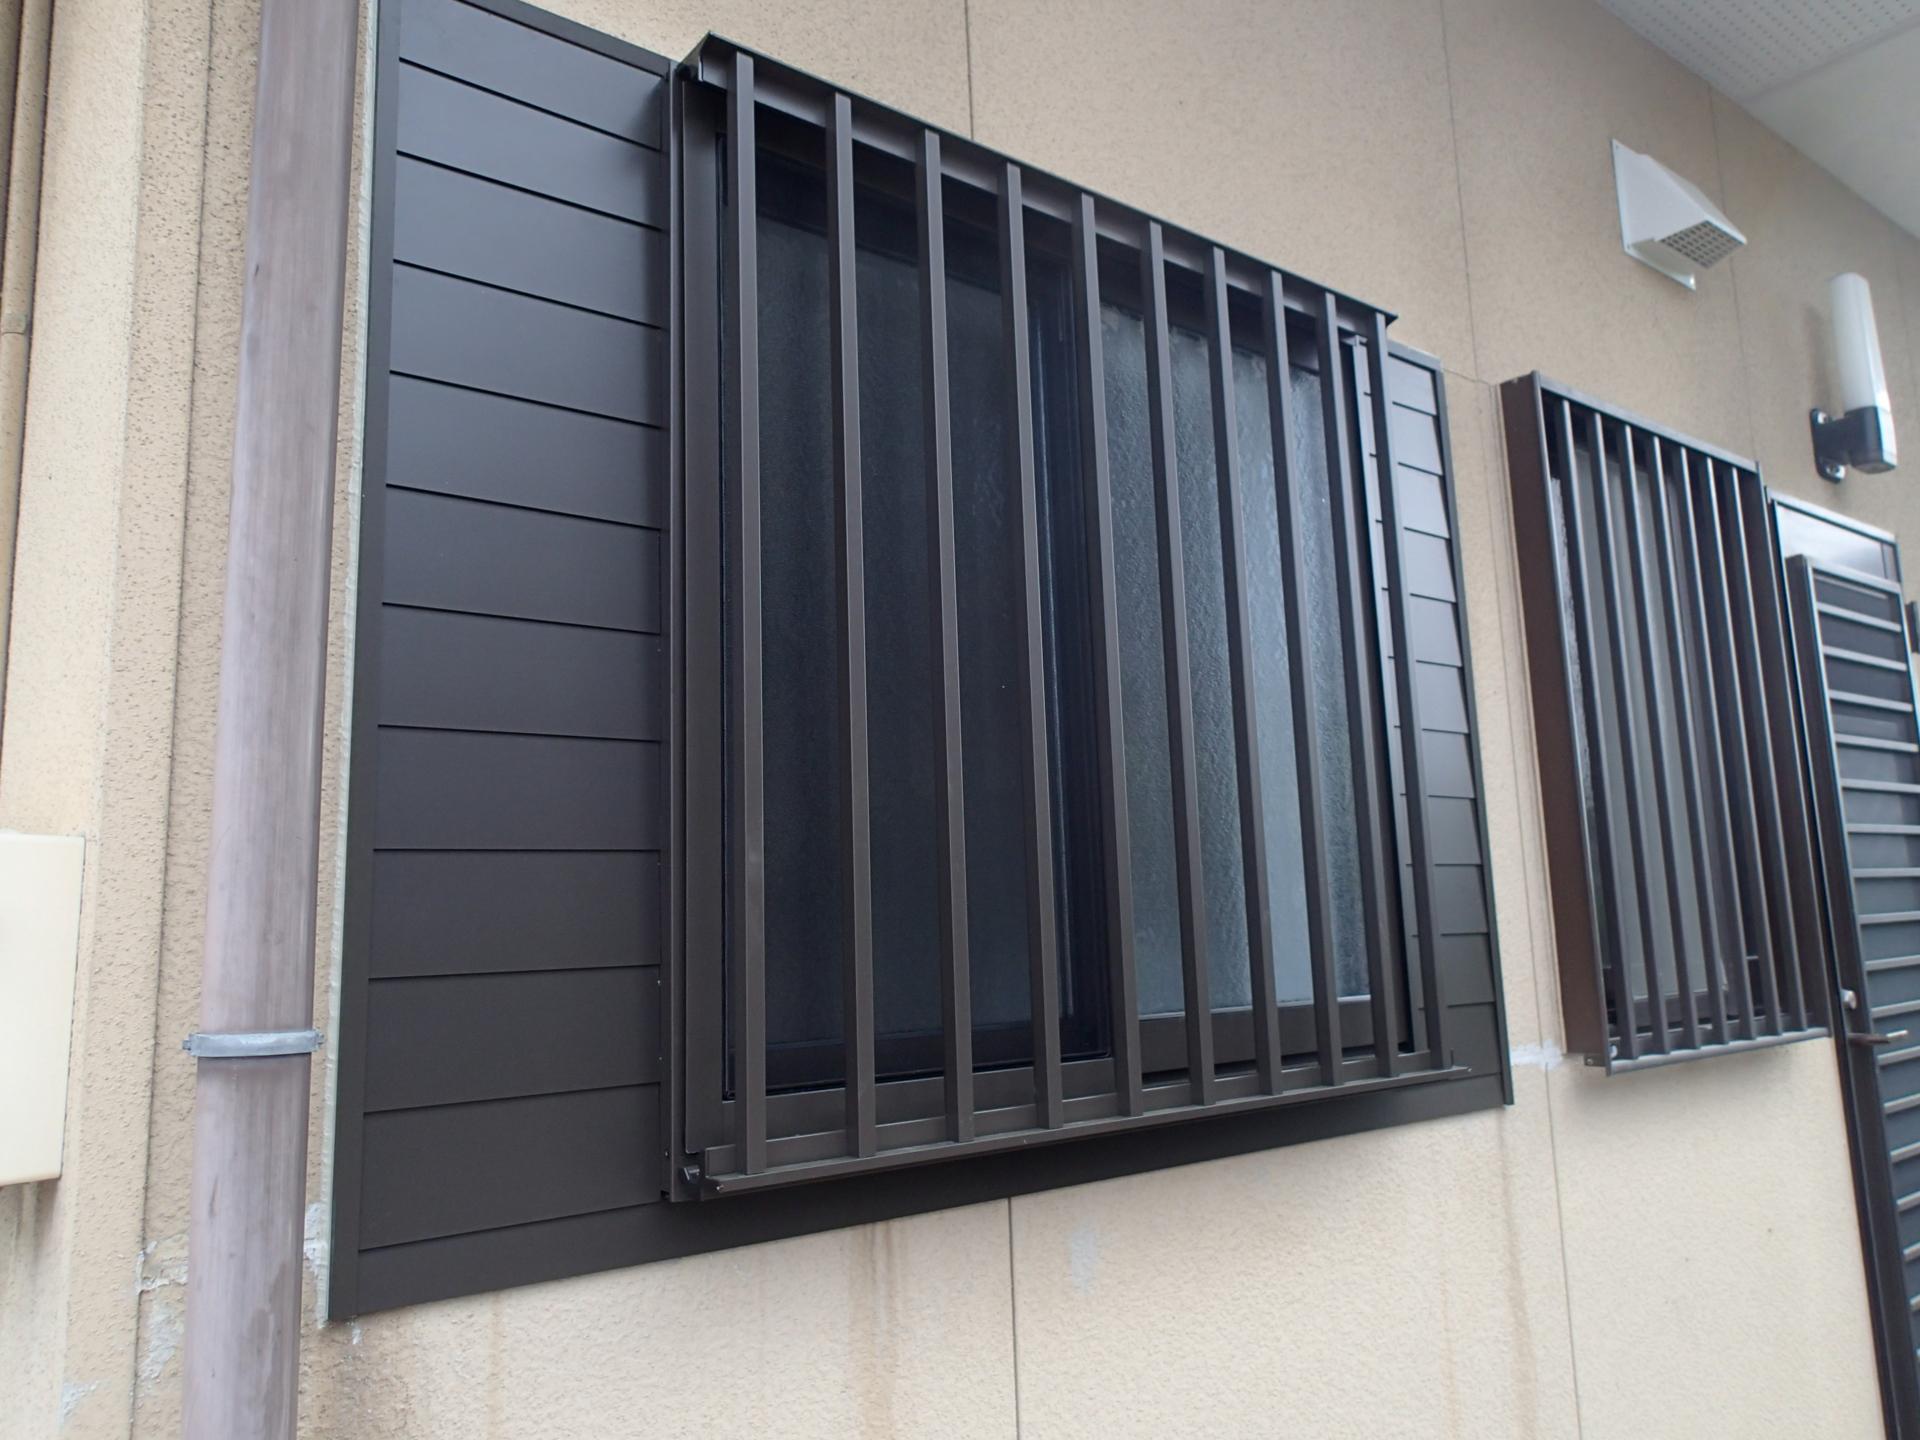 窓は幅を小さくしました。小さくなった部分はサッシと同じアルミ材で塞ぎました。